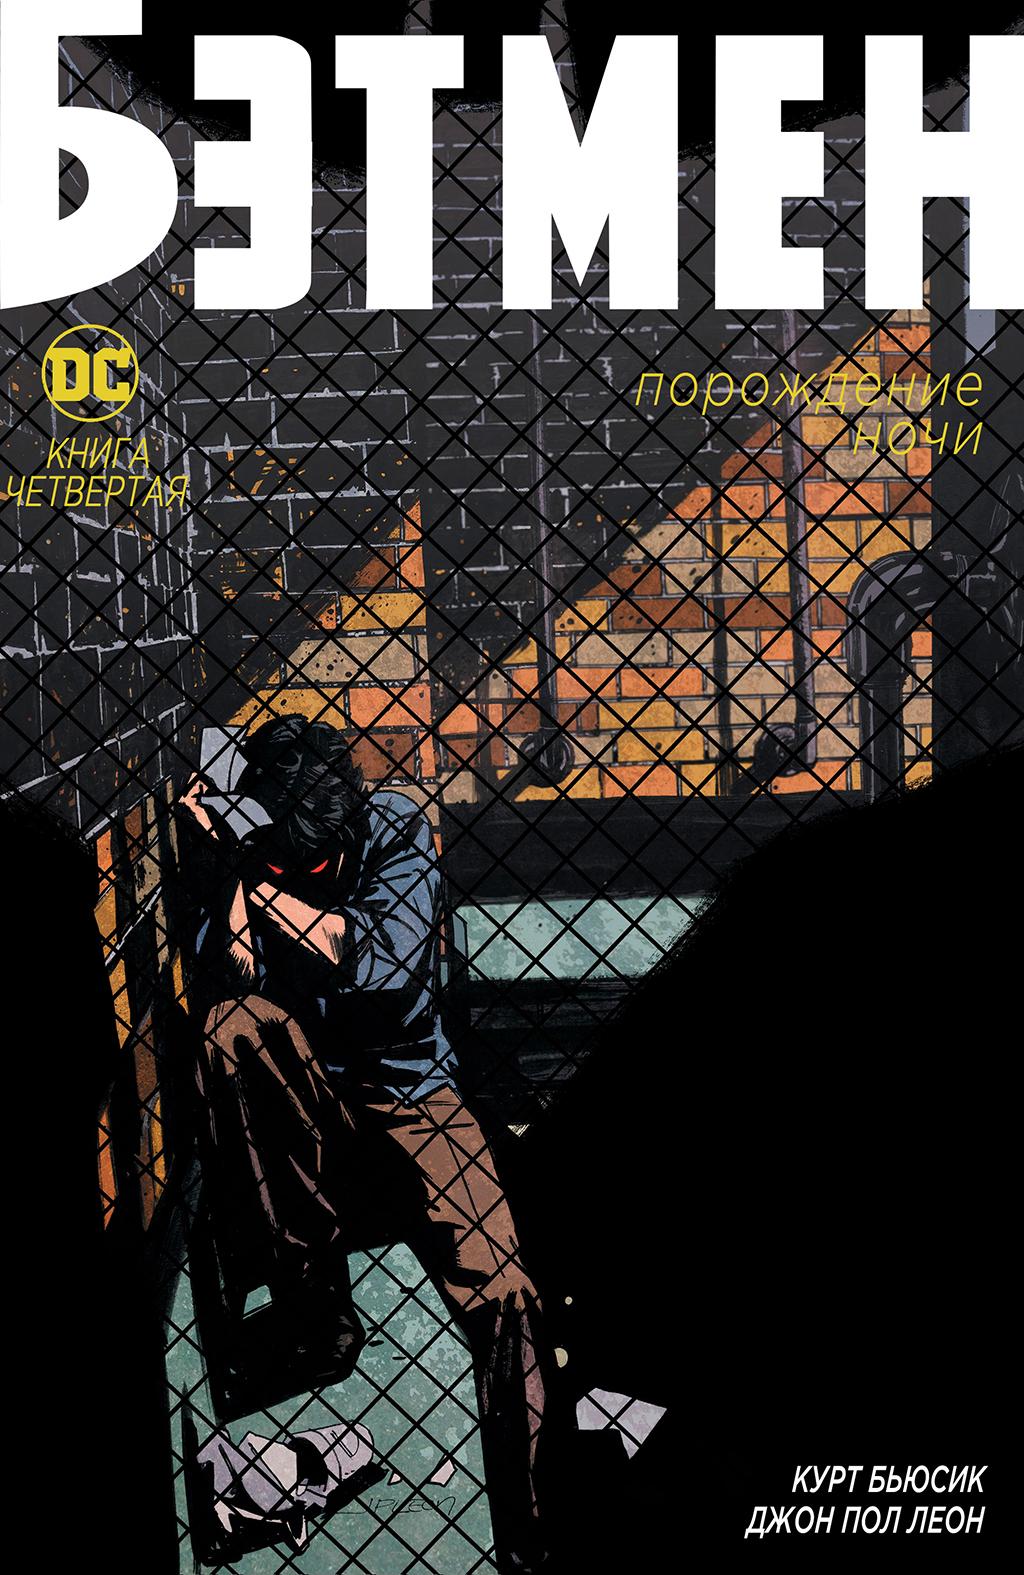 Комикс Бэтмен: Порождение Ночи